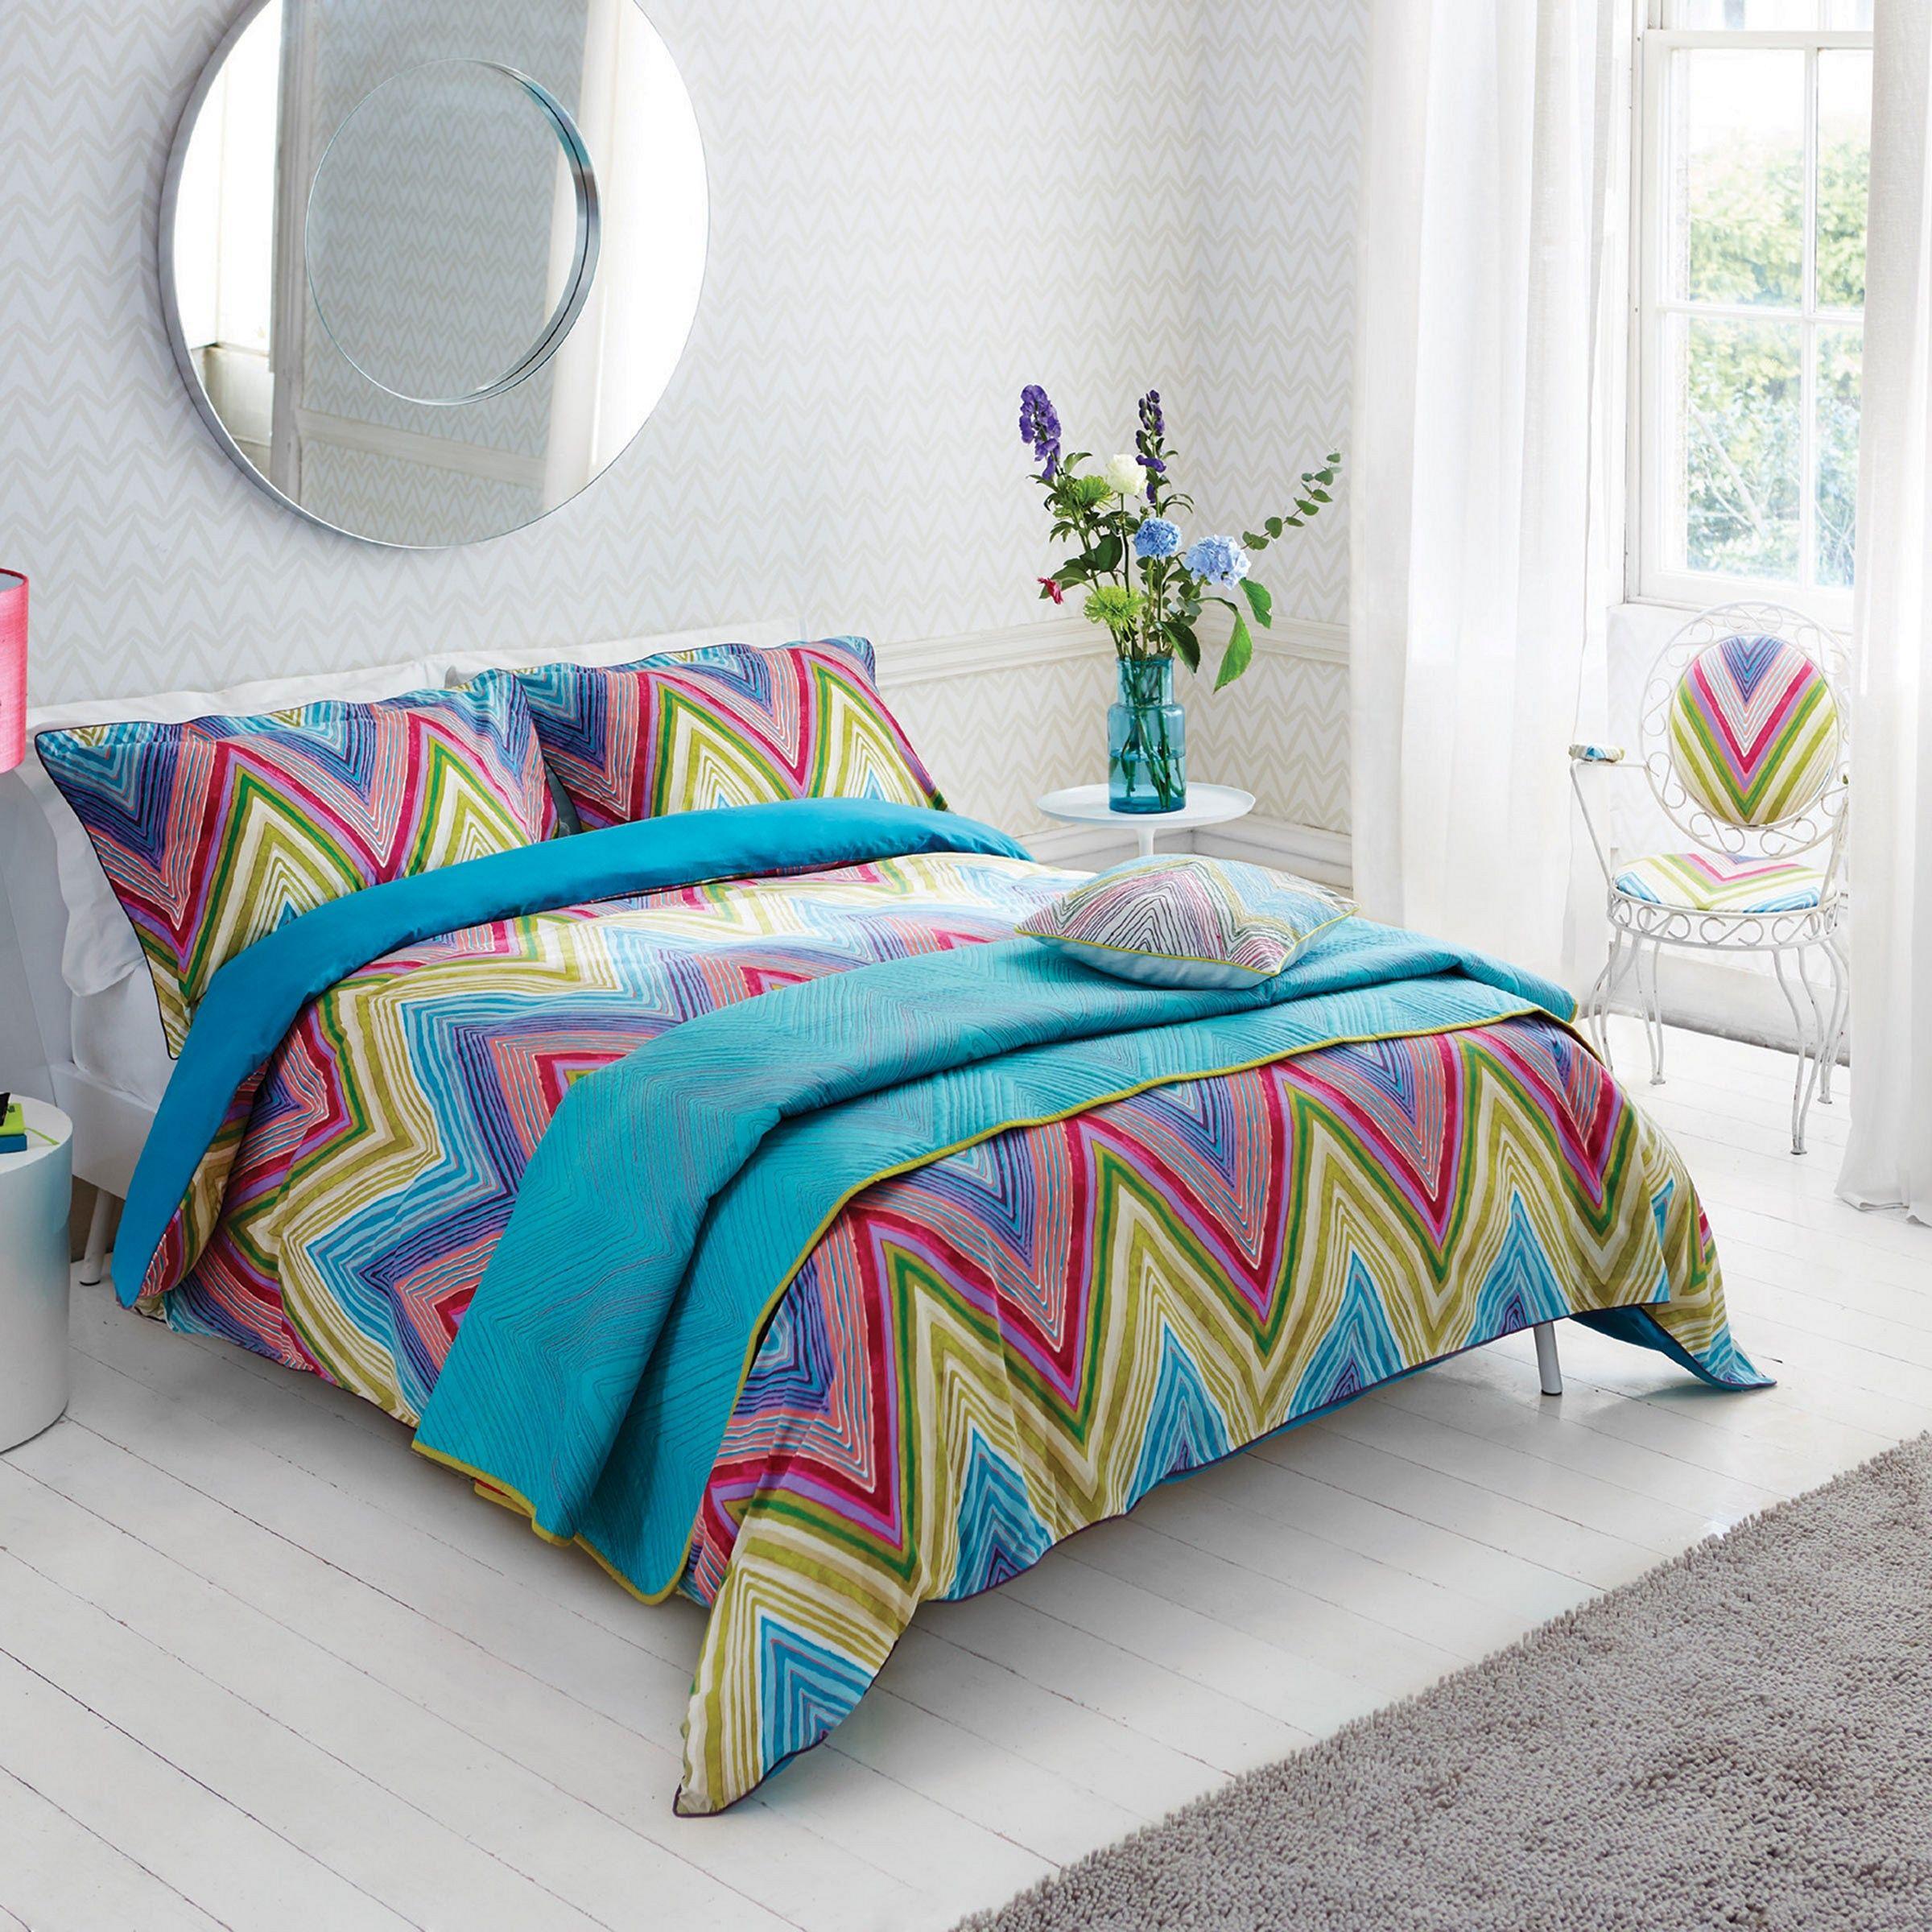 Unique Bedding Design 3